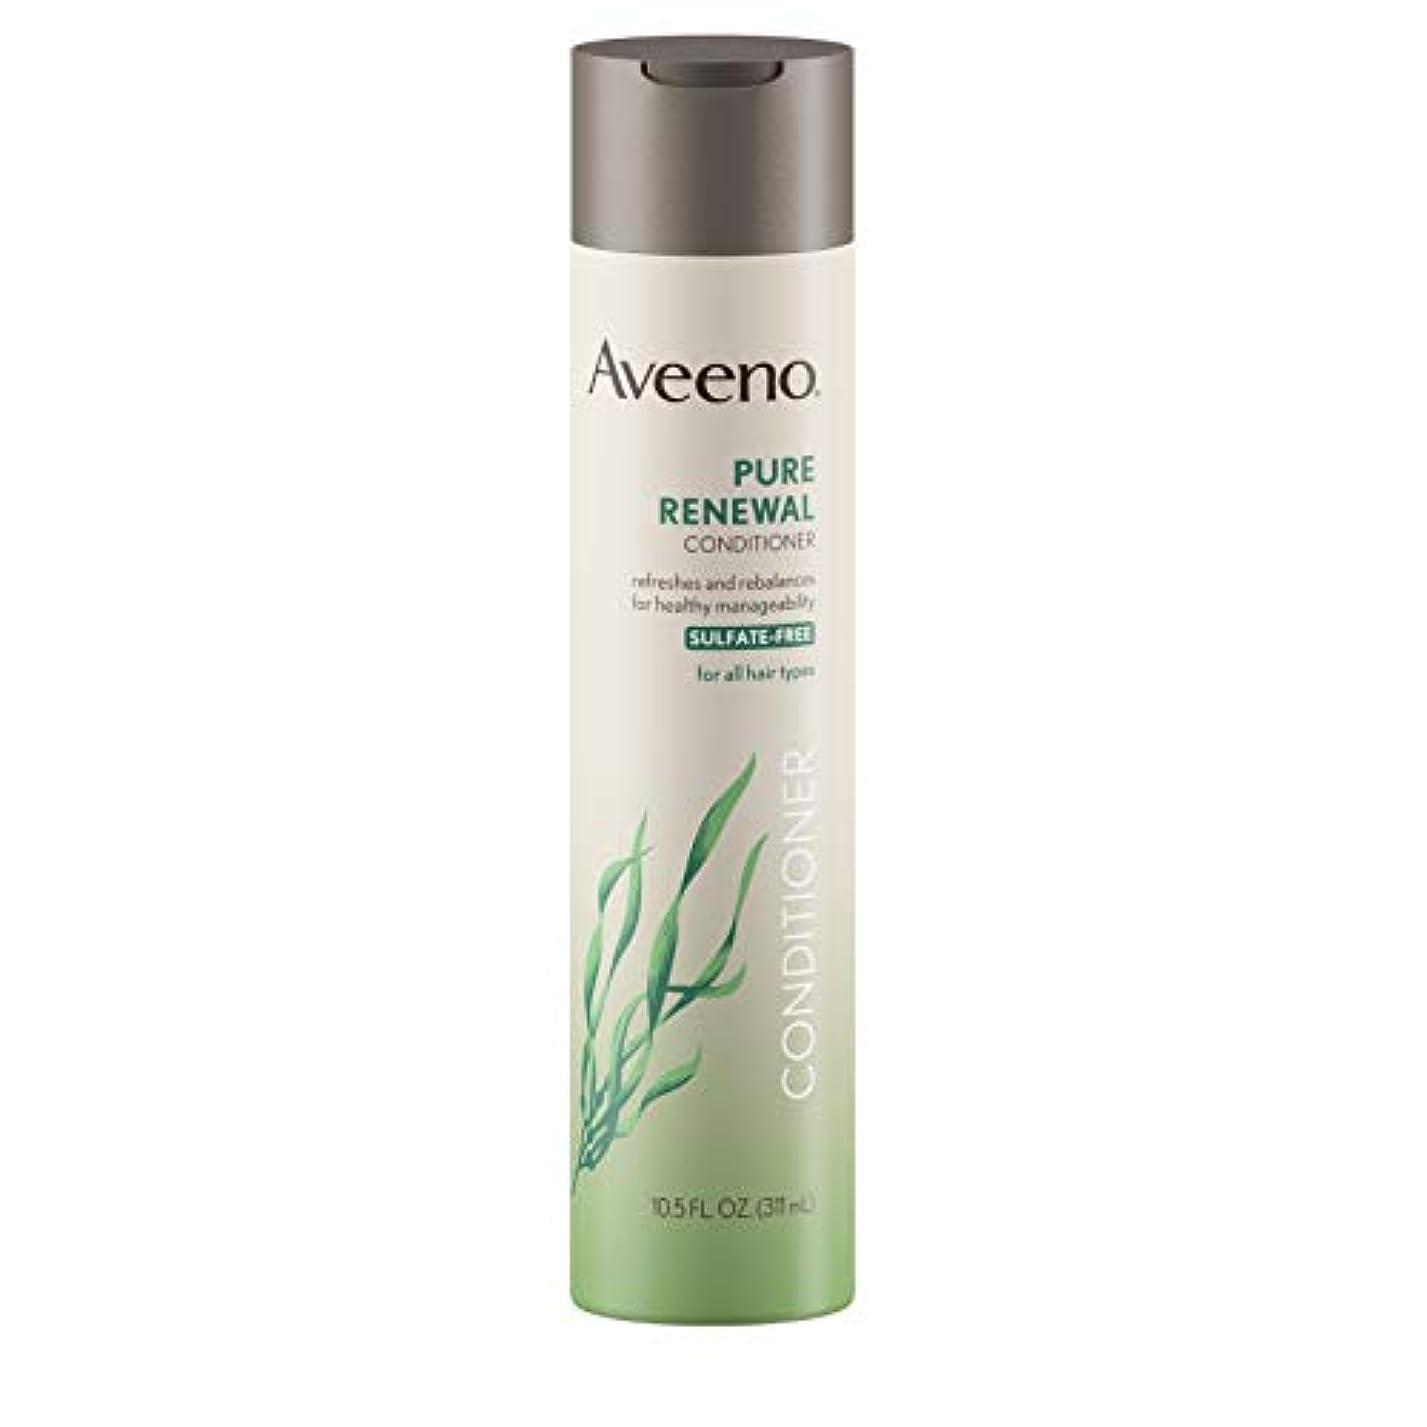 六月履歴書印象的なAveeno Pure Renewal Conditioner 310 ml (Sulfate-Free) (並行輸入品)